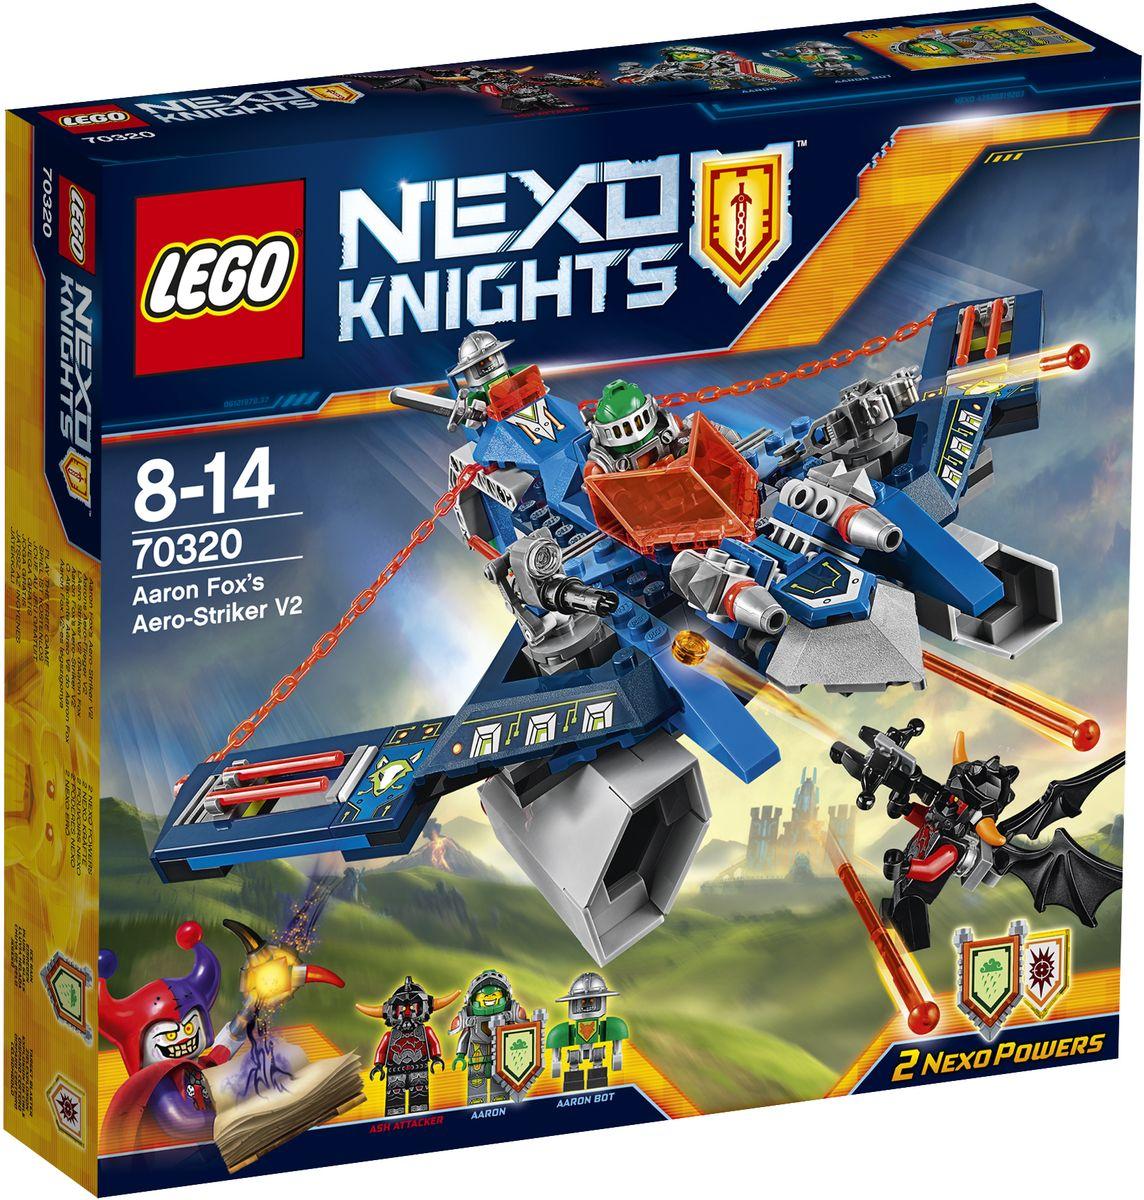 LEGO NEXO KNIGHTS Конструктор Аэро-арбалет Аарона 7032070320Погрузитесь в футуристический мир LEGO NEXO KNIGHTS с удивительным аэро- арбалетом и превратитесь в Аарона Фокса, используя флайер 2 в 1 как арбалет! Сражайтесь против Лавовых монстров, нажимая на спусковой механизм, чтобы стрелять сразу из двух пружинных шутеров. Затем отправьте Аарона против крылатого Пеплометателя и стреляйте из арбалета-шутера или выпустите рыцаря на стреловидном флайере и предоставьте управление боту Аарона! В набор входят щиты для сканирования, дающие 2 Nexo Силы: Ледяной дождь и Умный бластер. Набор включает в себя 301 разноцветный элемент. Конструктор - это один из самых увлекательных и веселых способов времяпрепровождения. Ребенок сможет часами играть с конструктором, придумывая различные ситуации и истории.